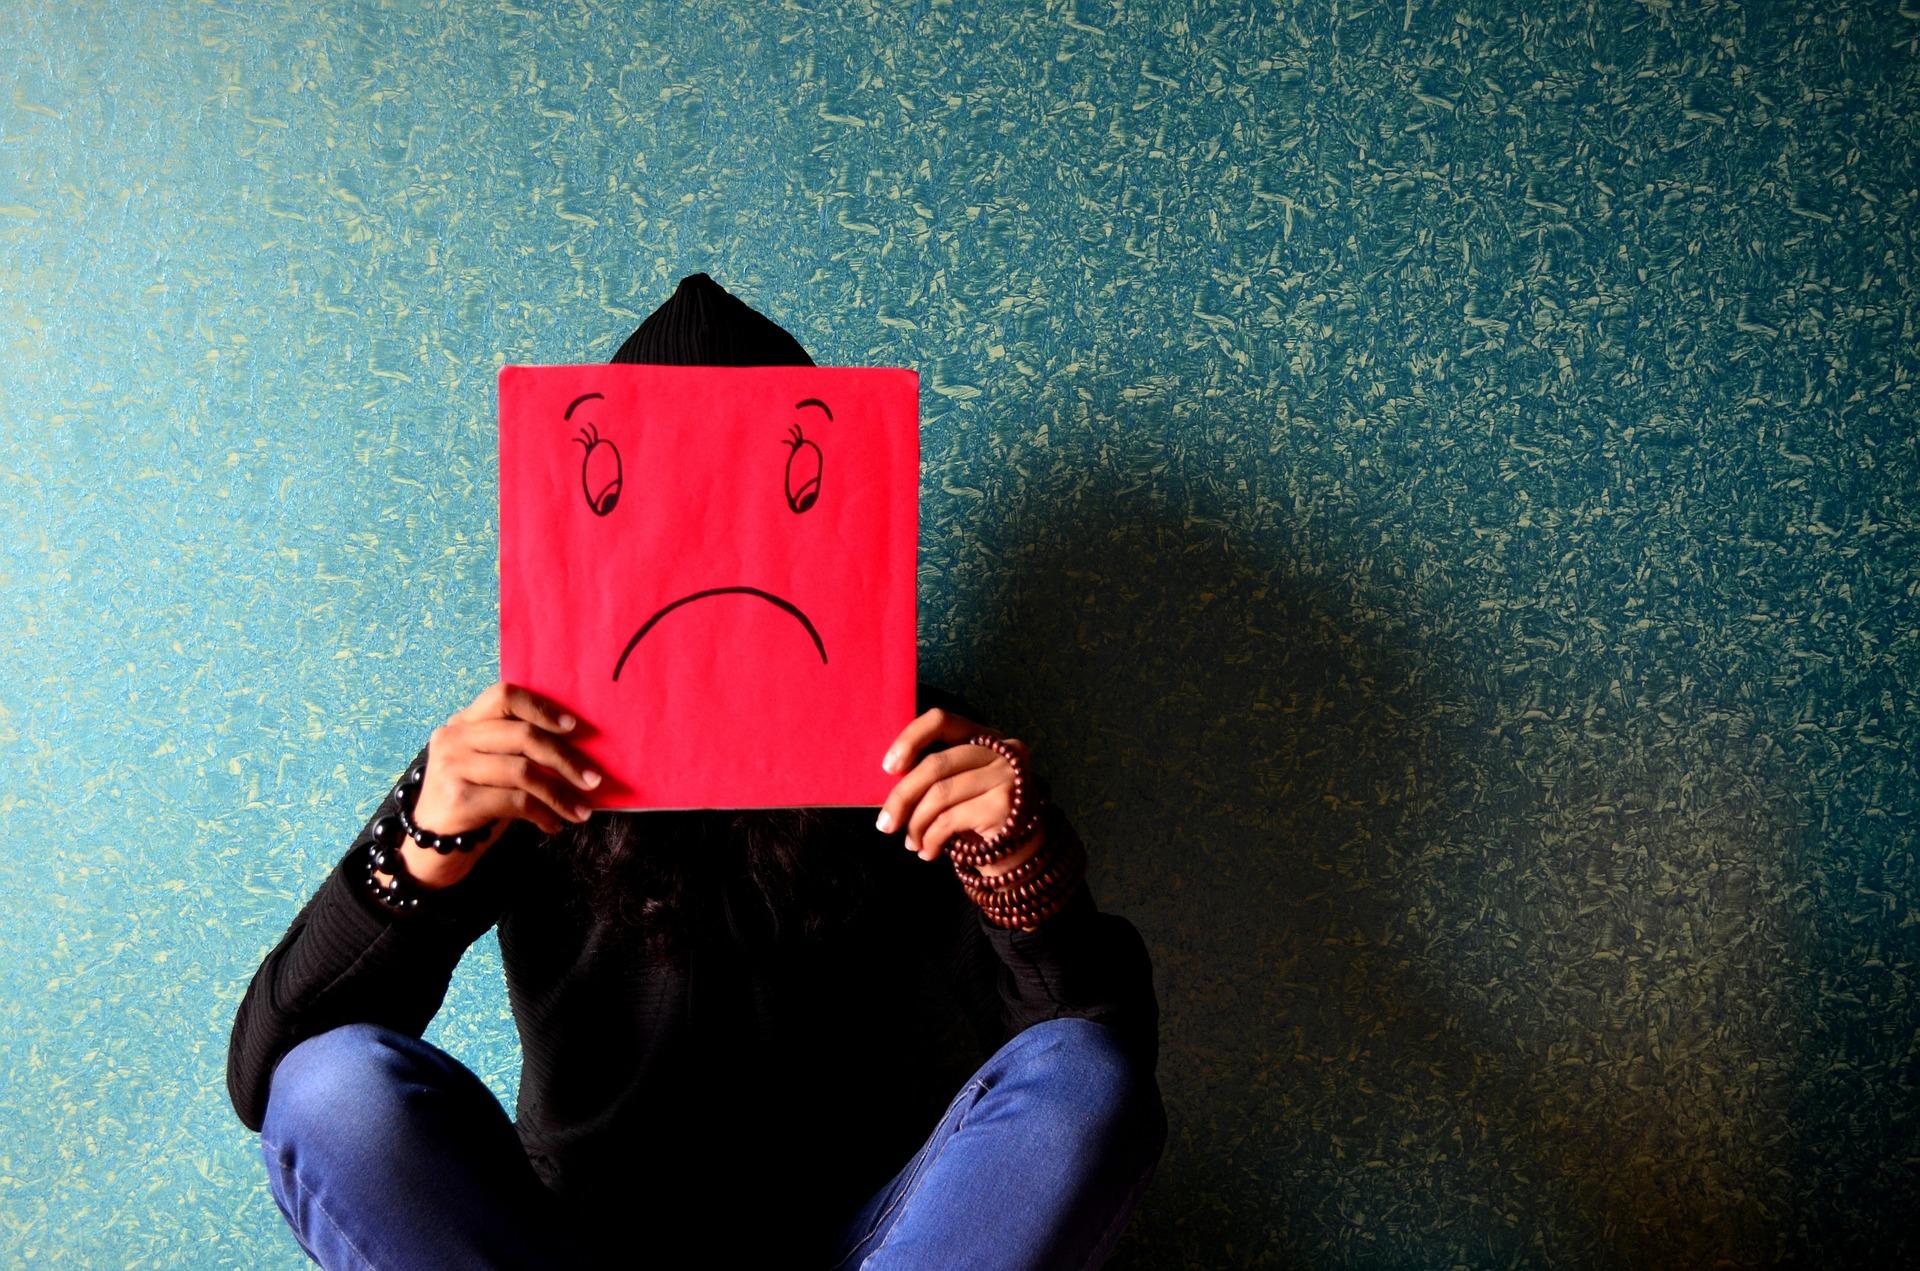 П'ять звичок, які заважають людям бути щасливими - porady, news, zhyttya